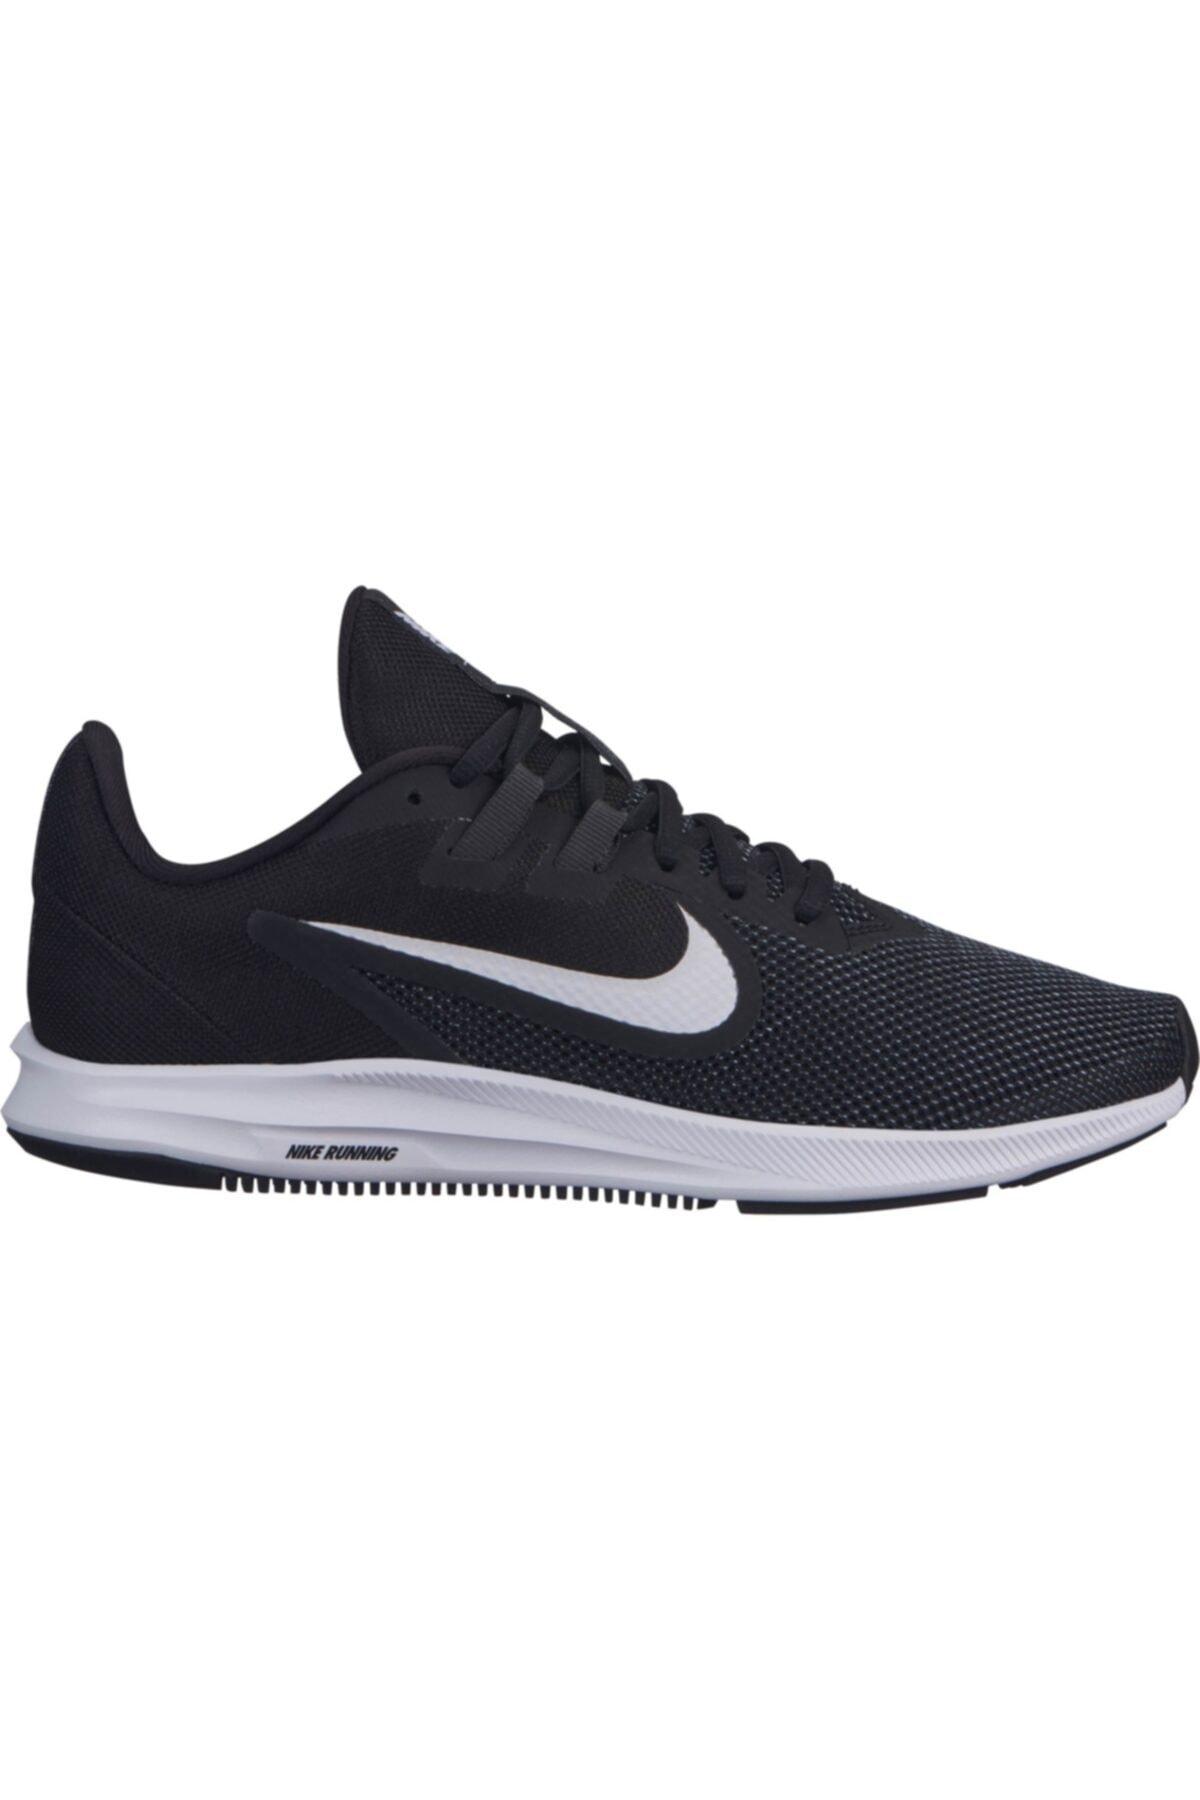 Nike Erkek Koşu Ayakkabısı Nıke Wmns Downshıfter 9 1